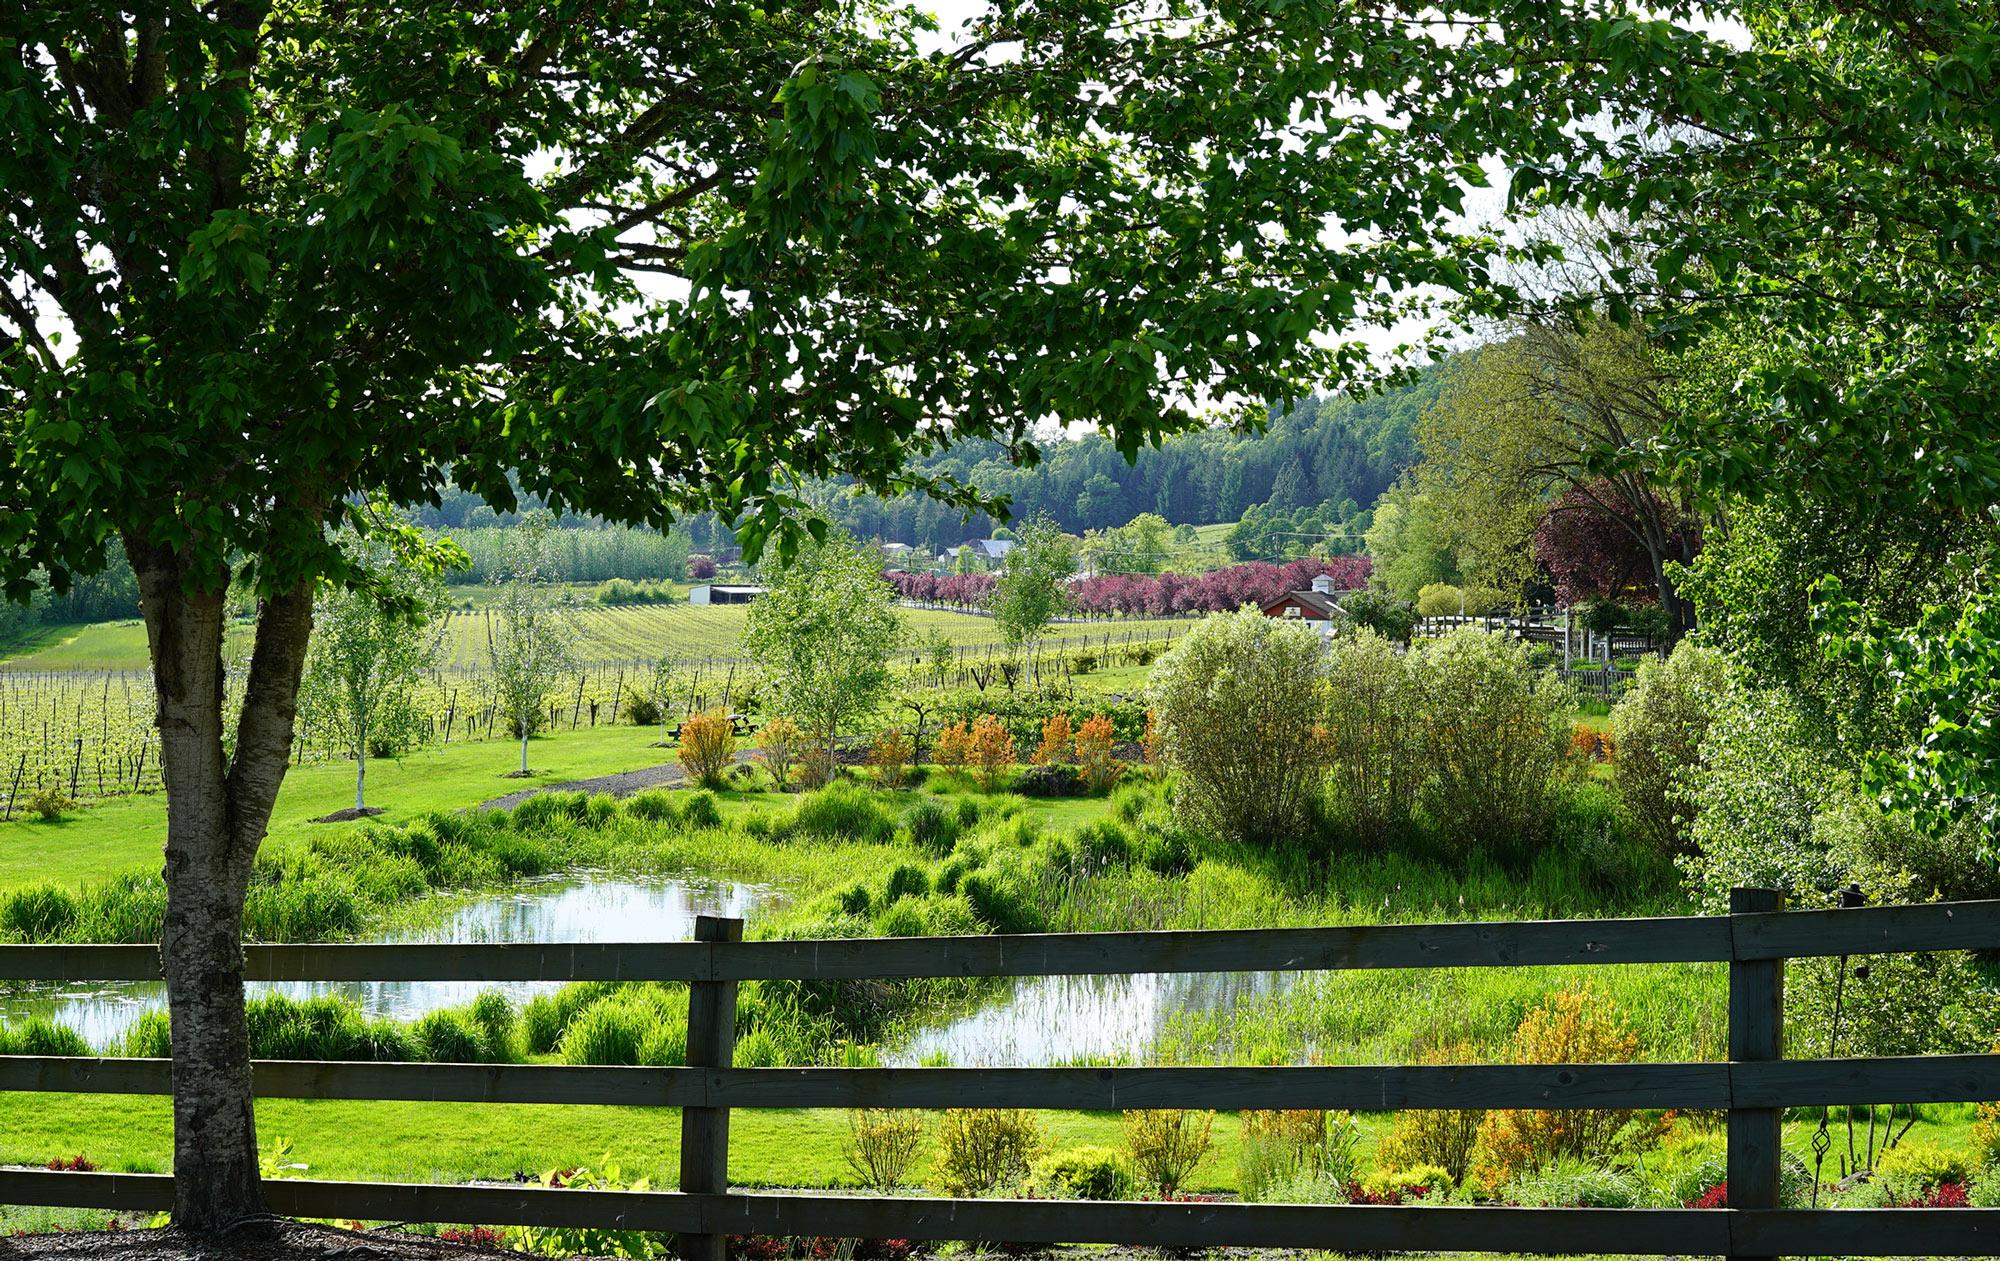 Keeler Estate Vineyard biodynamic wine tasting tour